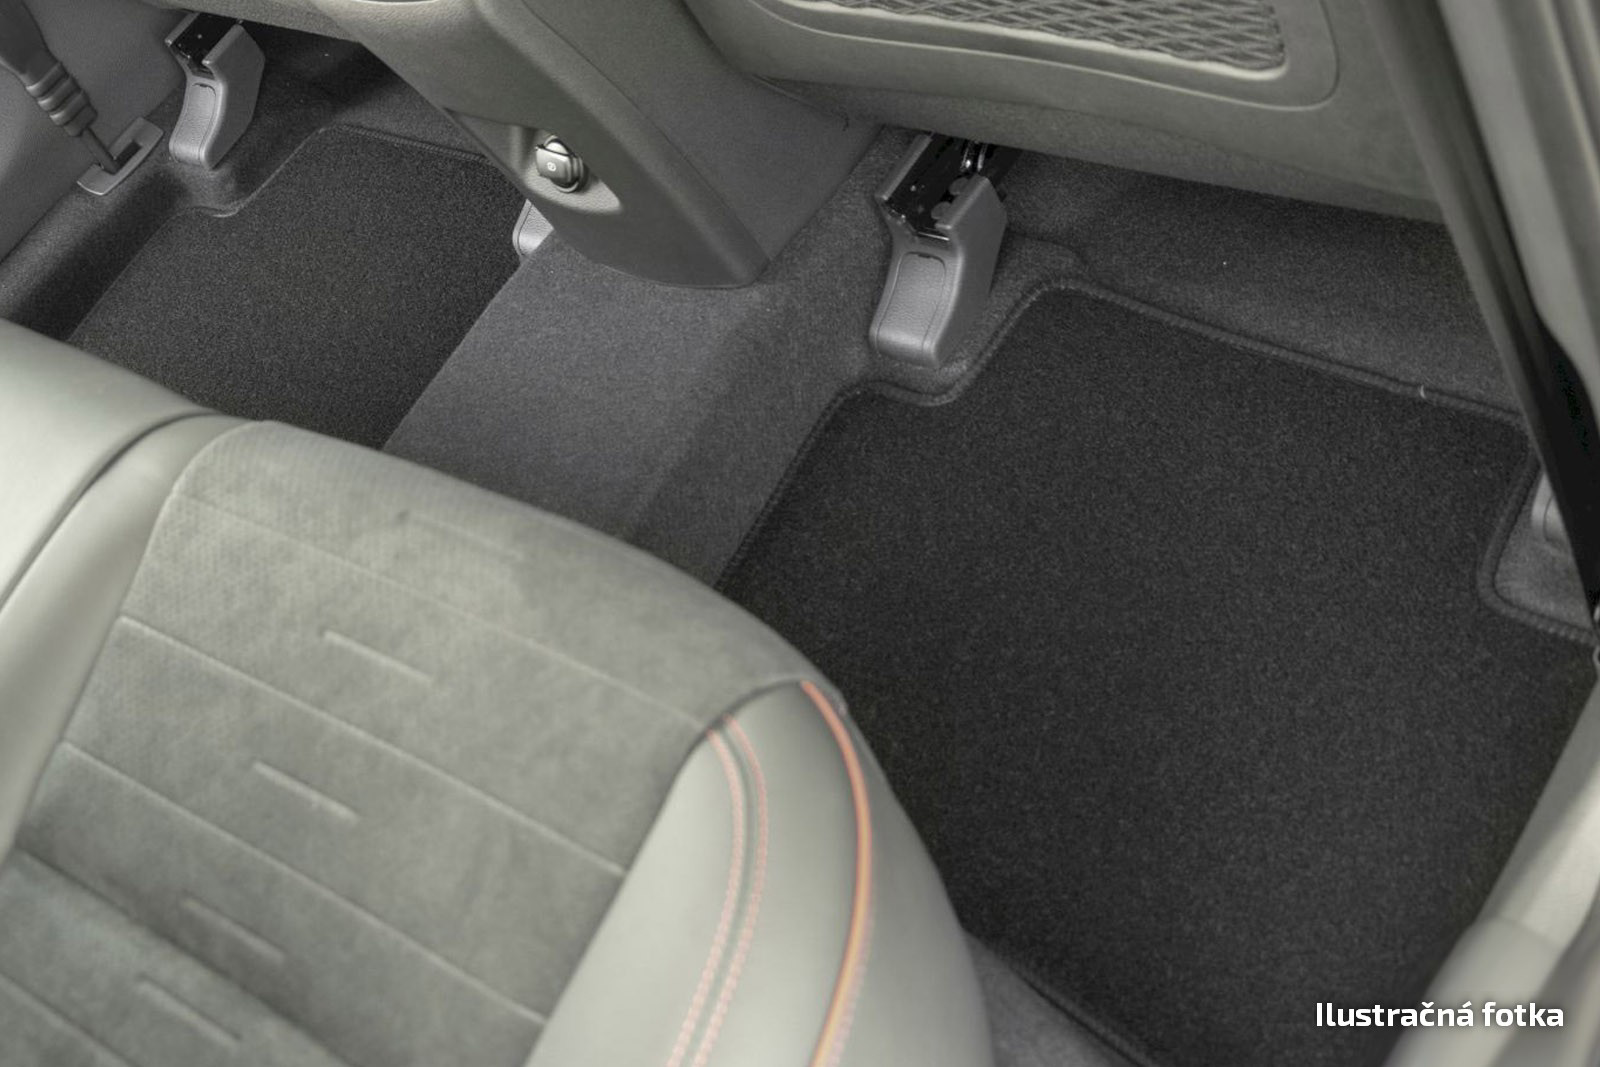 Poza cu Covorase din velur, Mercedes-Benz Clasa B (W246), 2011-2019